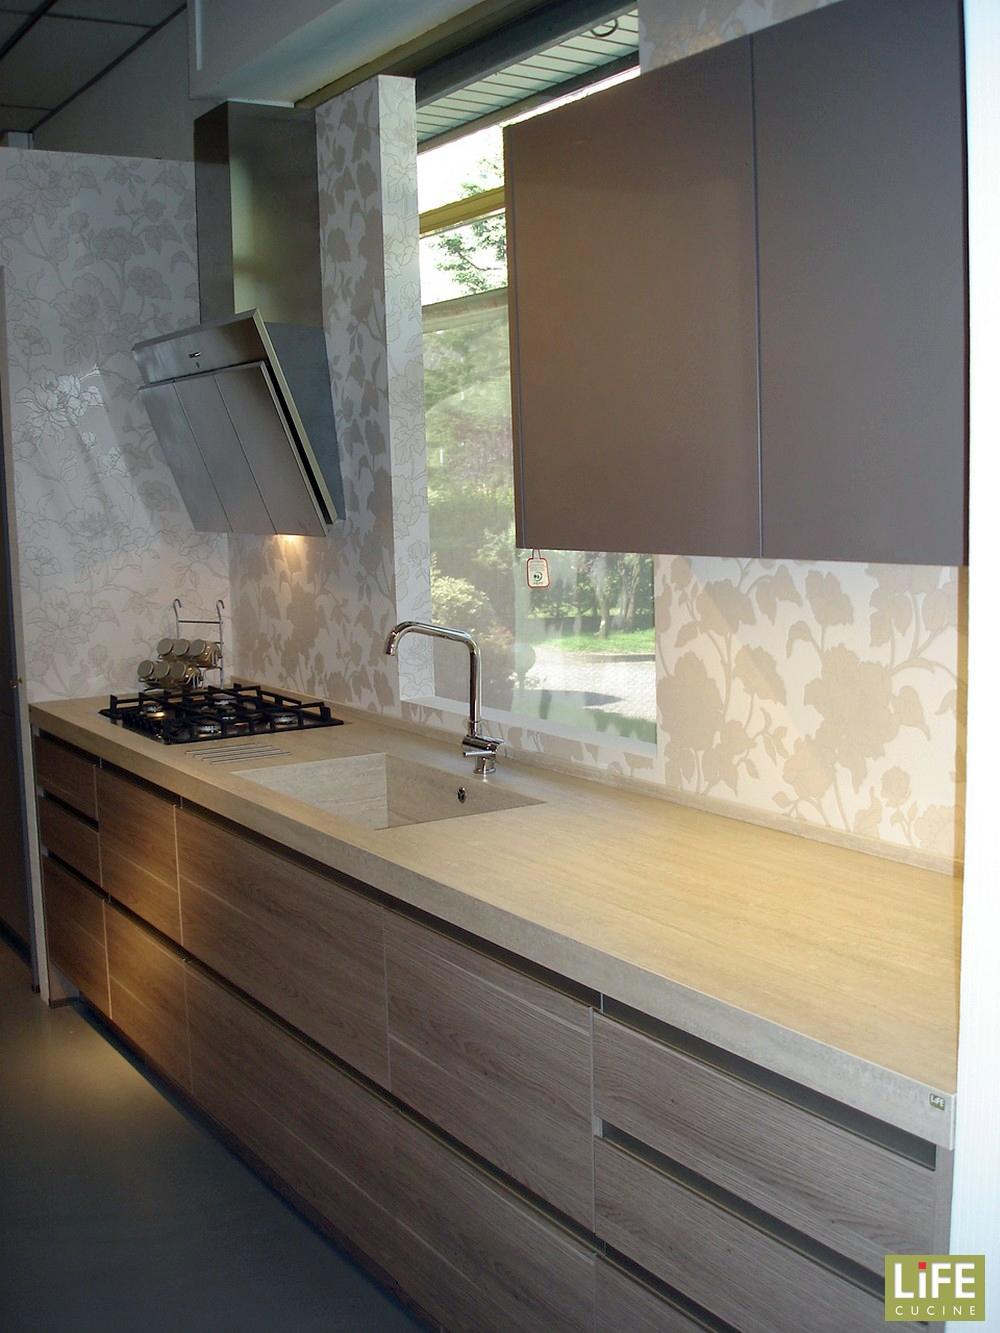 Cucina lineare moderna life su 2 pareti scontata del 40 for Parati cucina